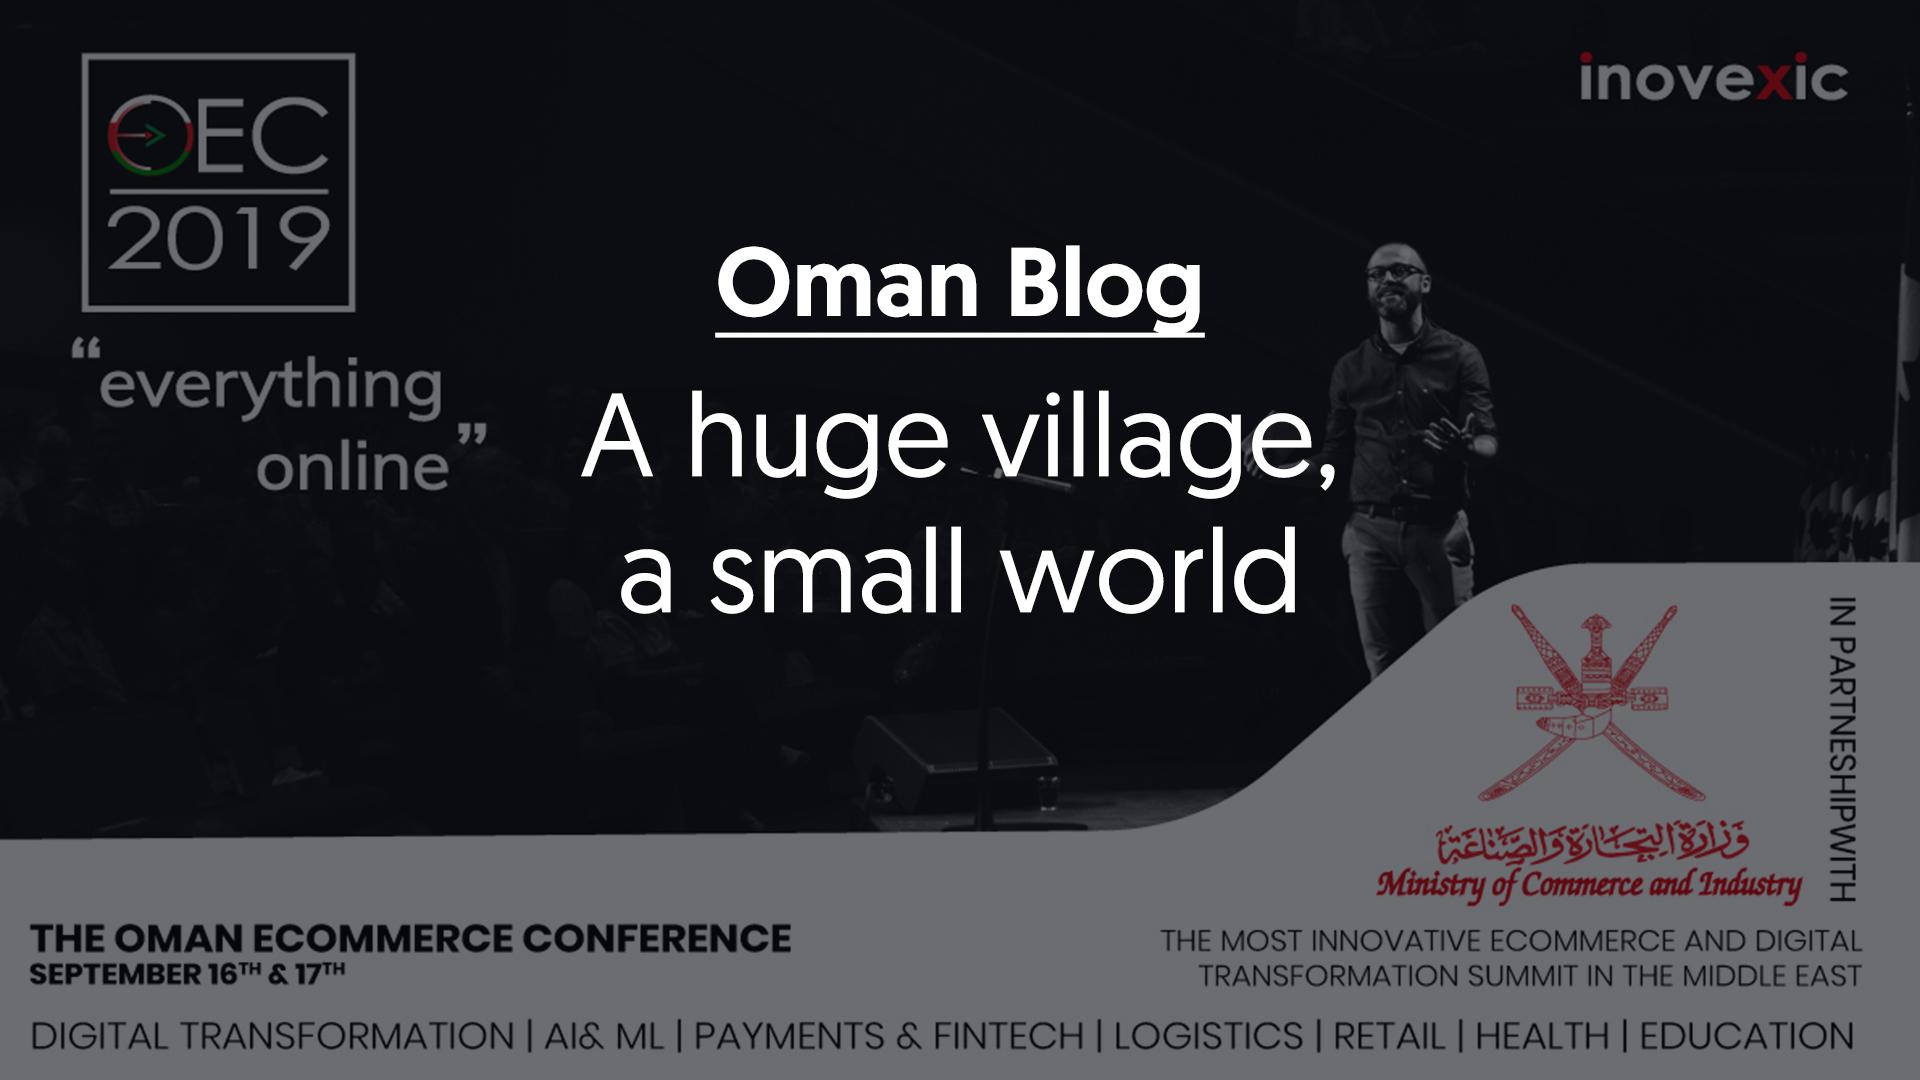 Oman blog #2 image